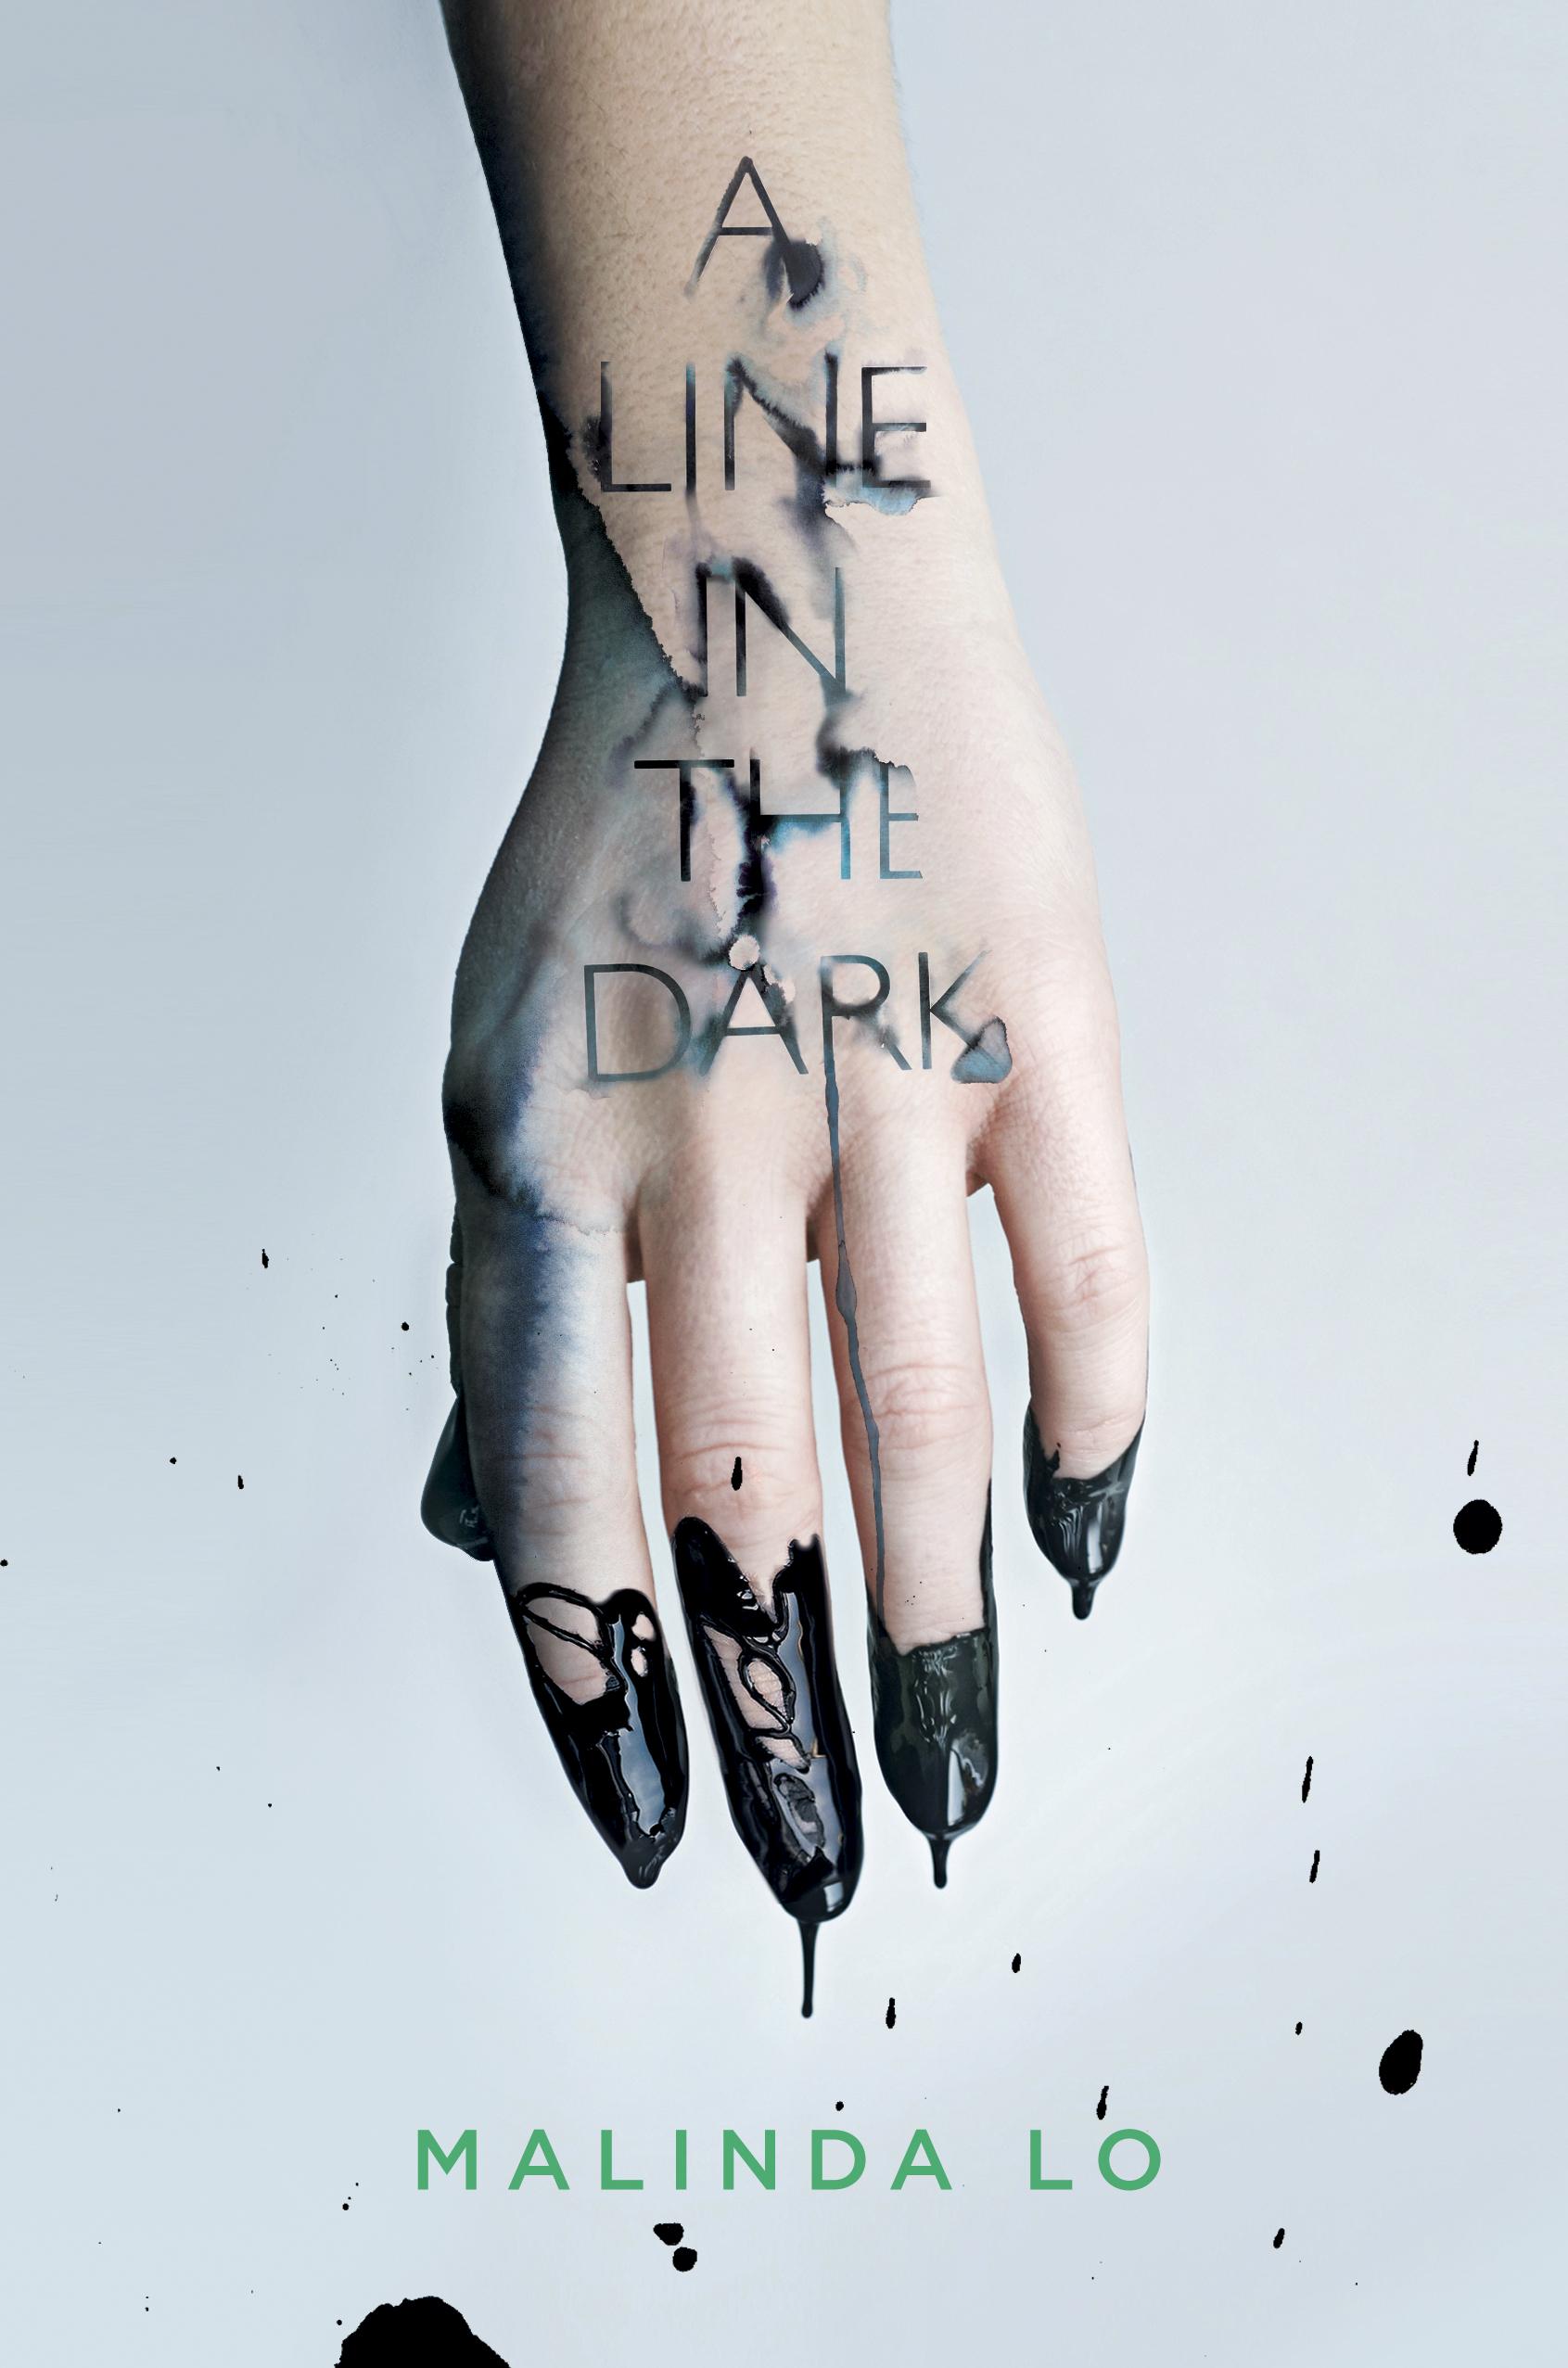 malinda-lo-line-in-the-dark.jpg